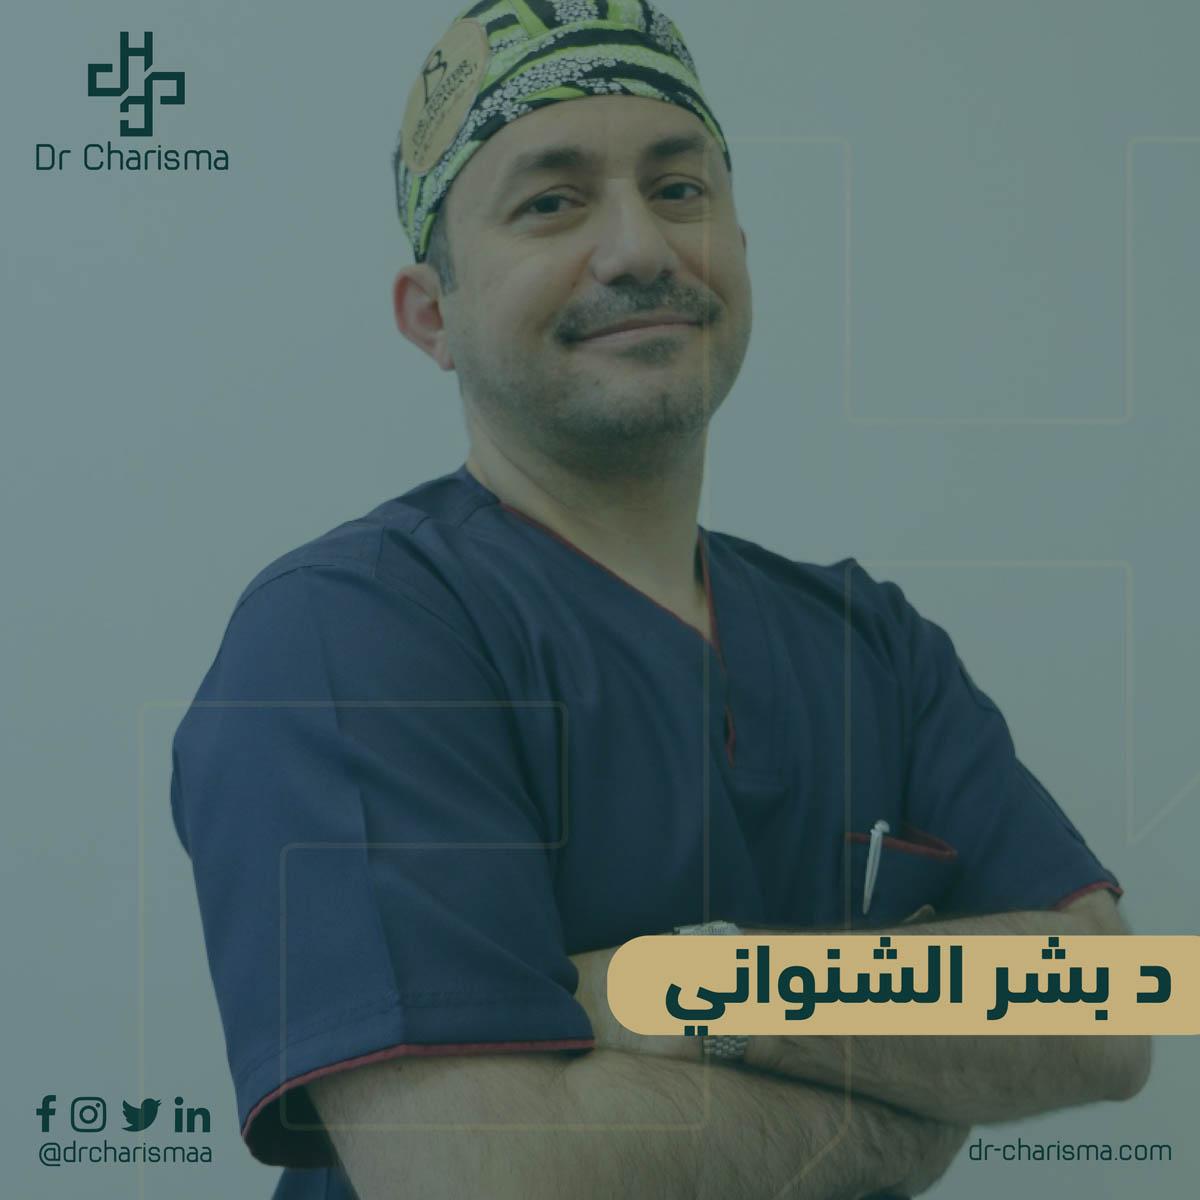 Dr Bisher Shanawani